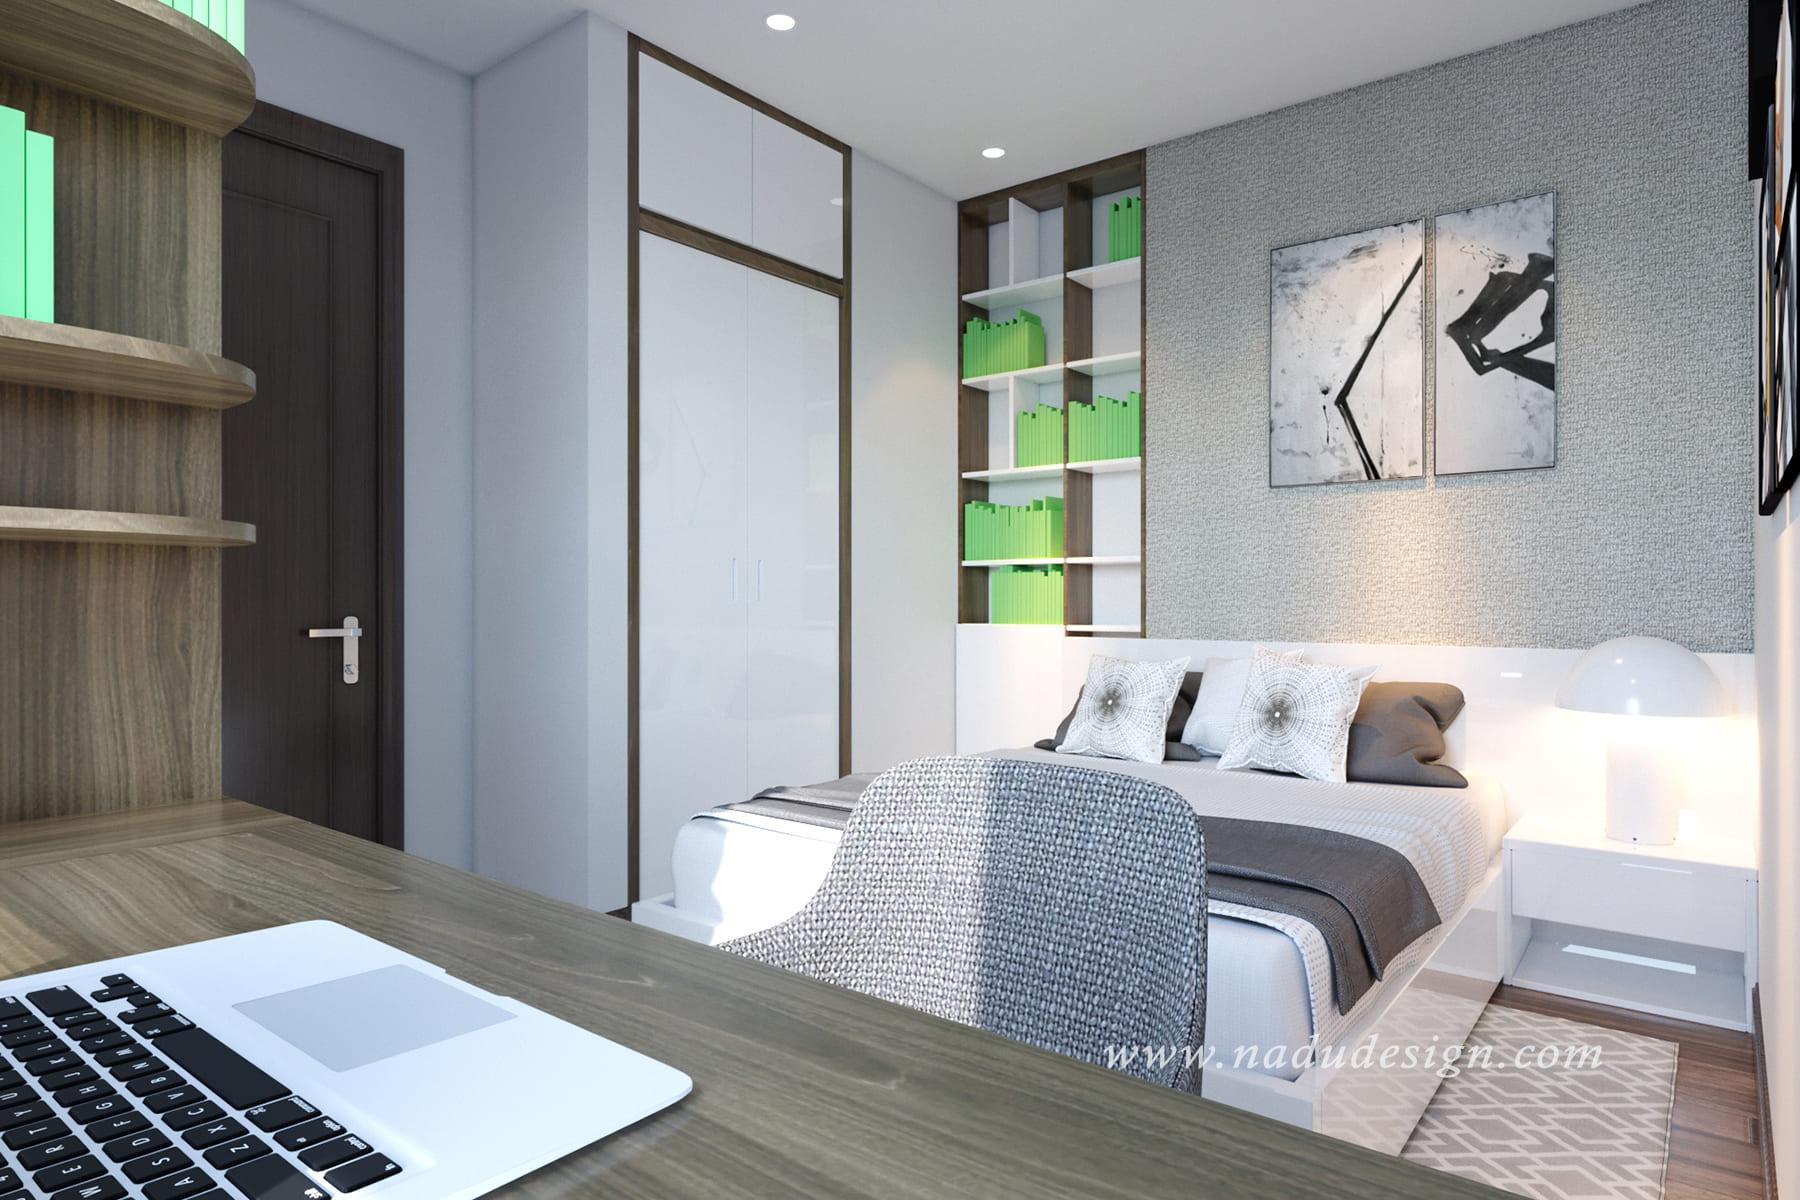 Thiết kế phòng ngủ master nhỏ cần chú ý gì?